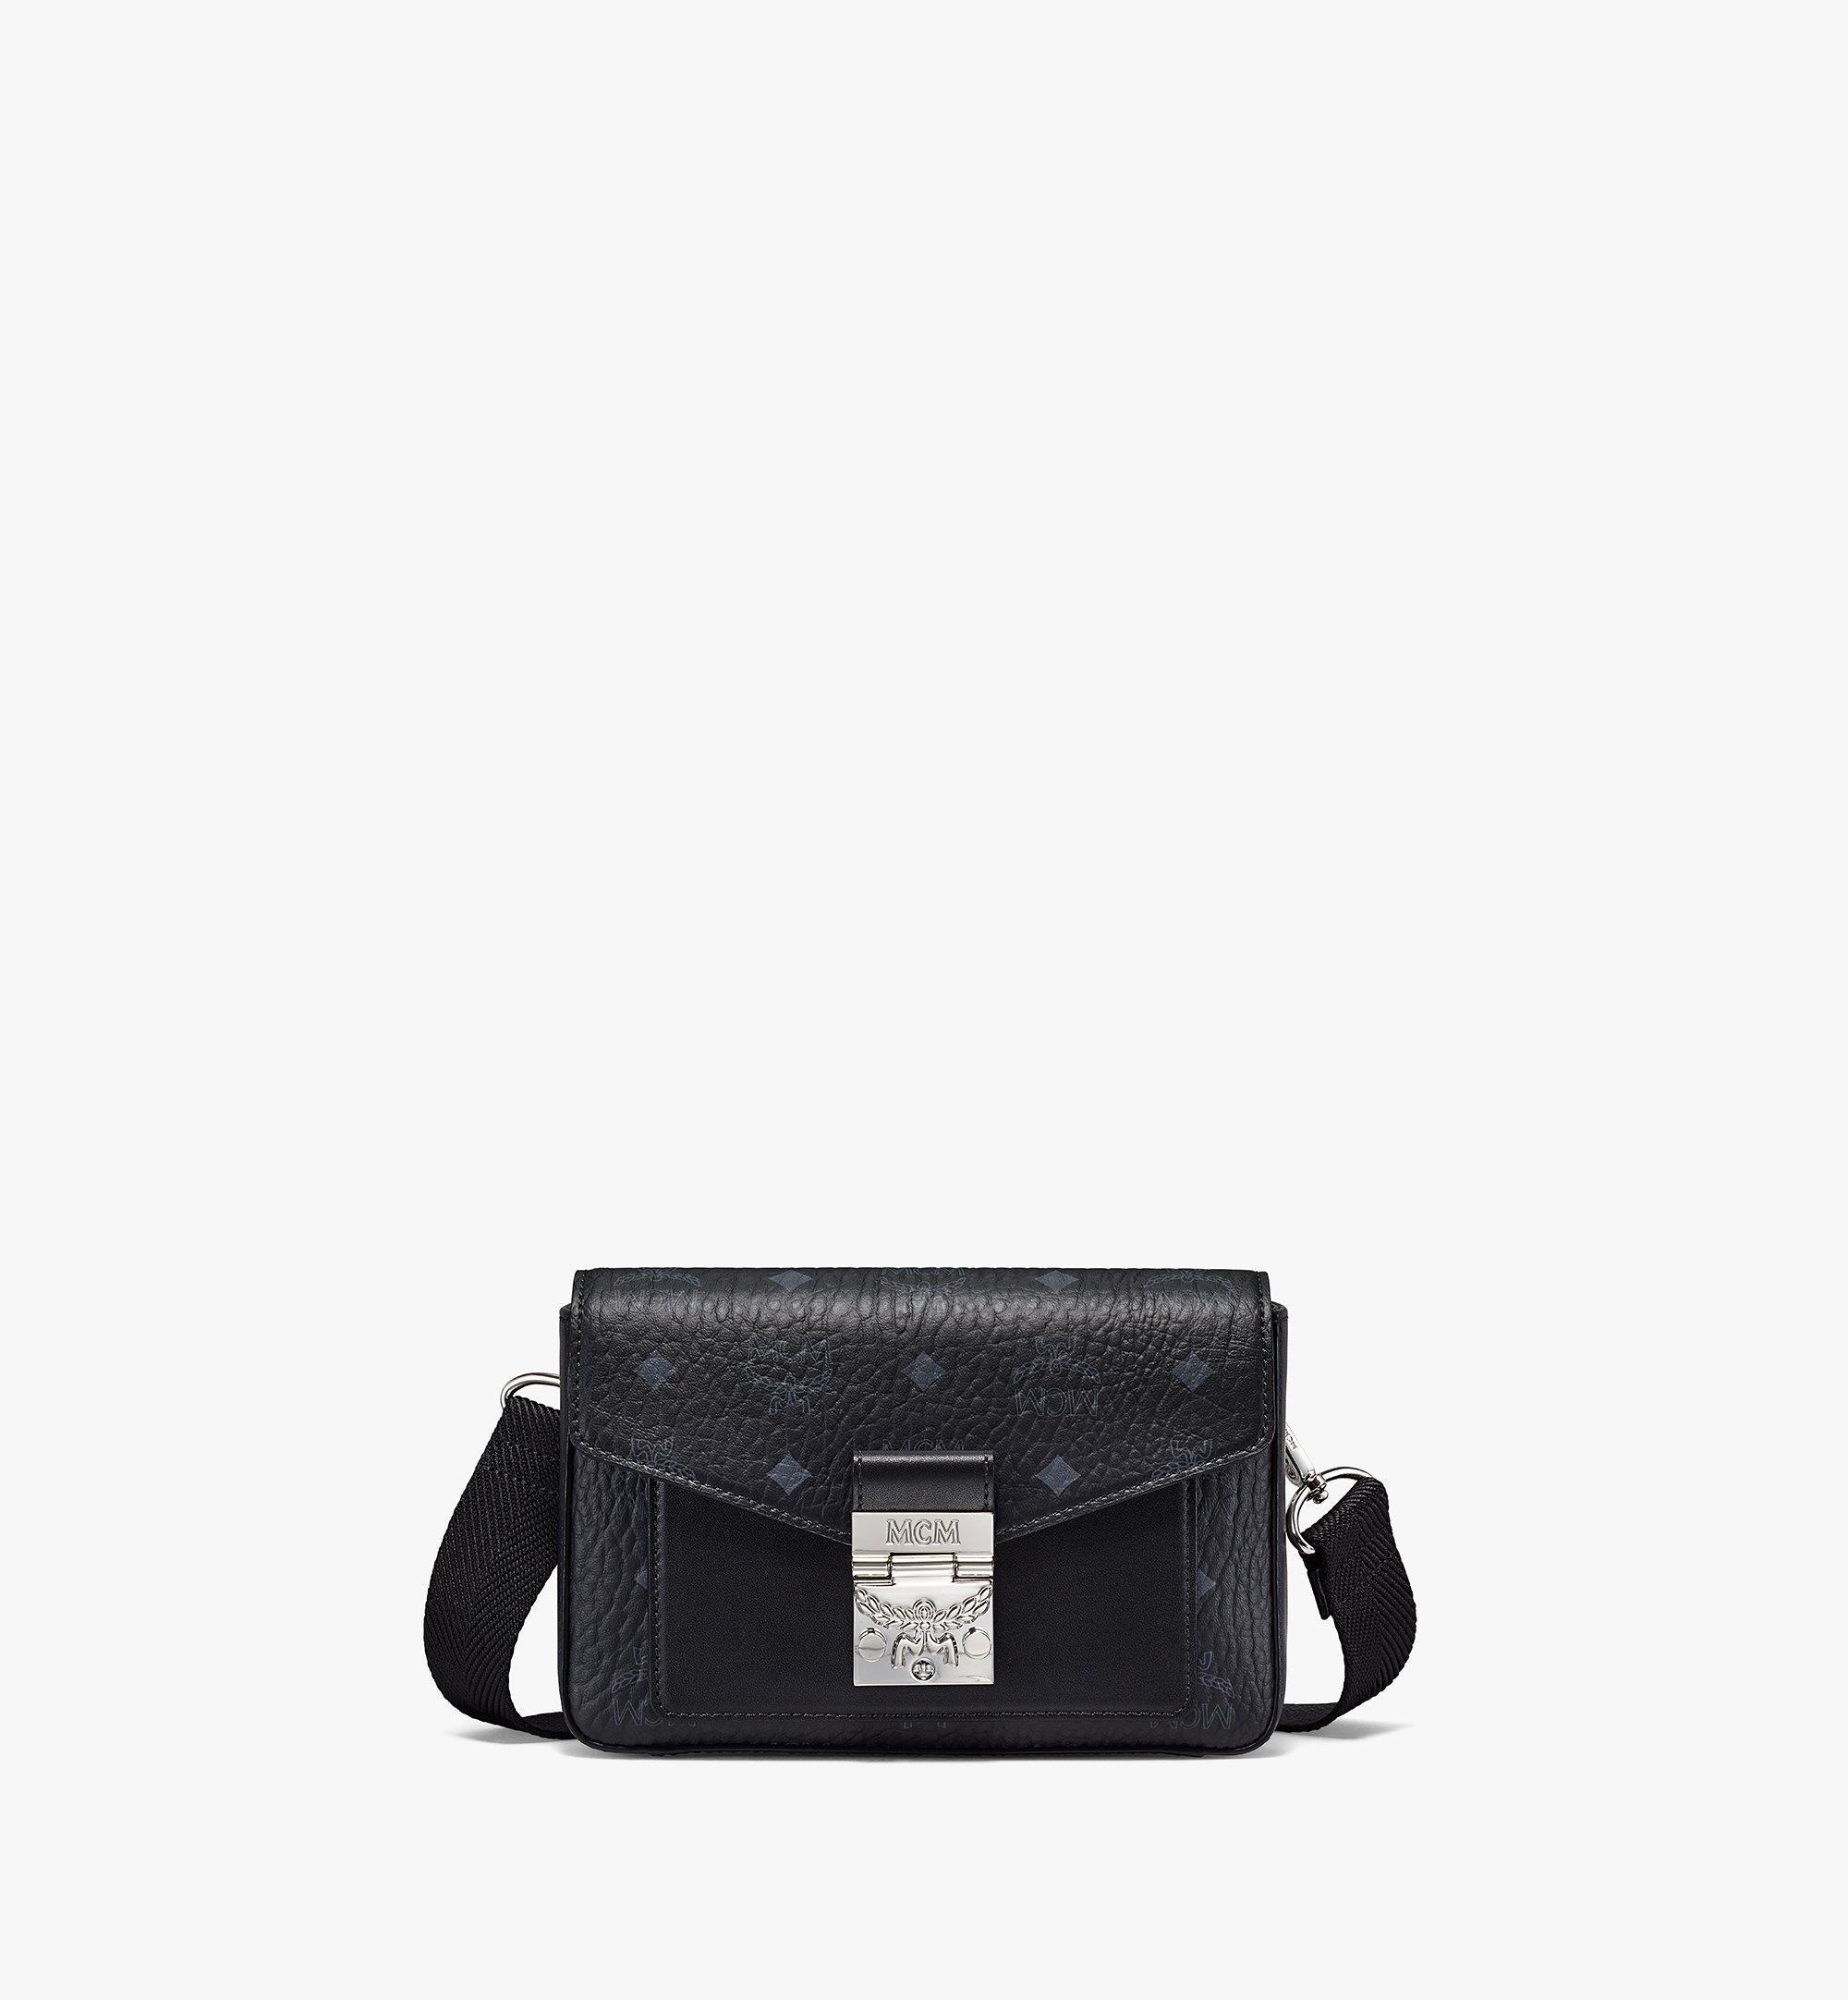 MCM Millie Crossbody-Tasche in Visetos Black MMRBSME03BK001 Noch mehr sehen 1